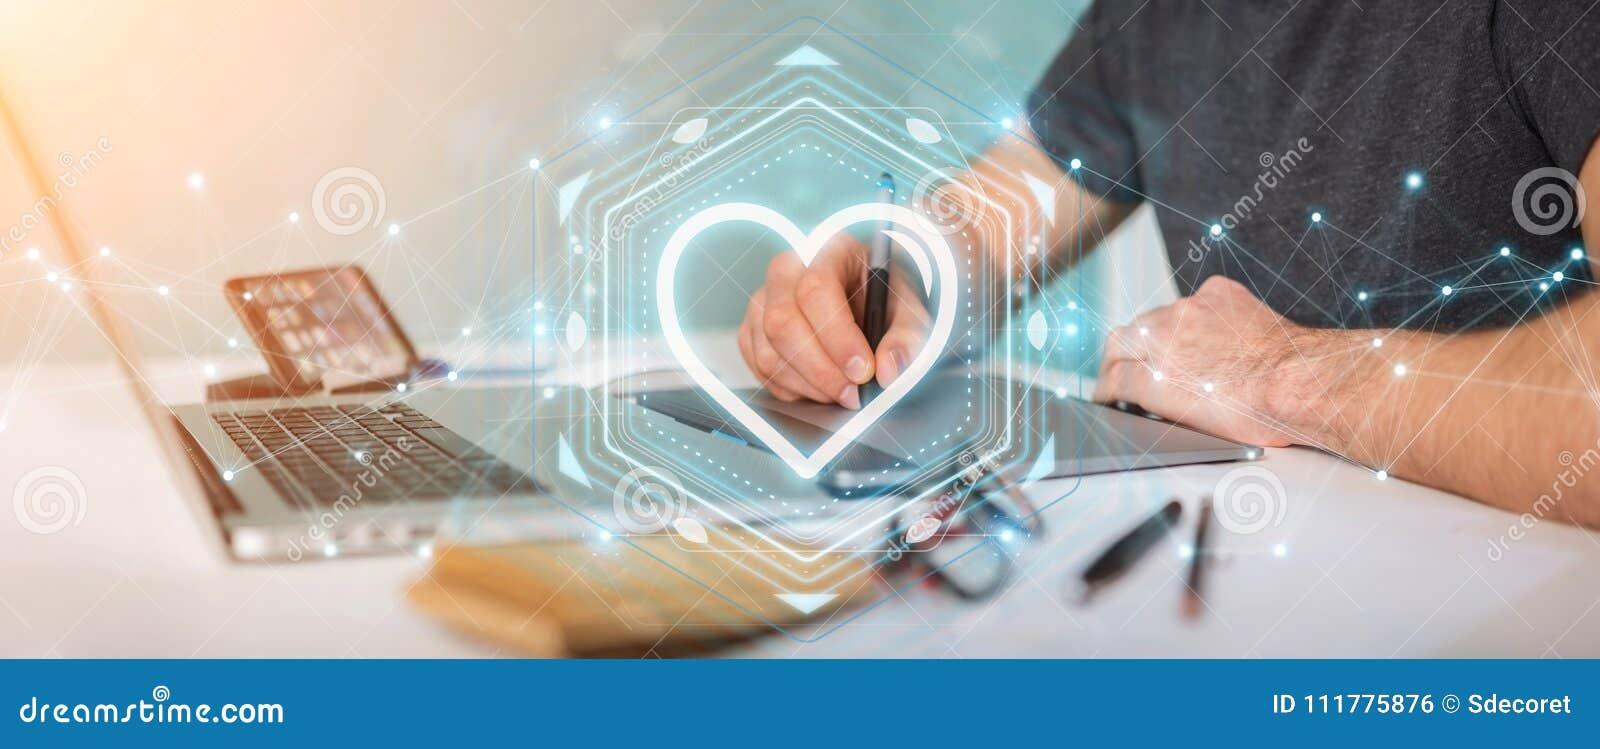 使用约会应用的图表设计师发现爱网上3D